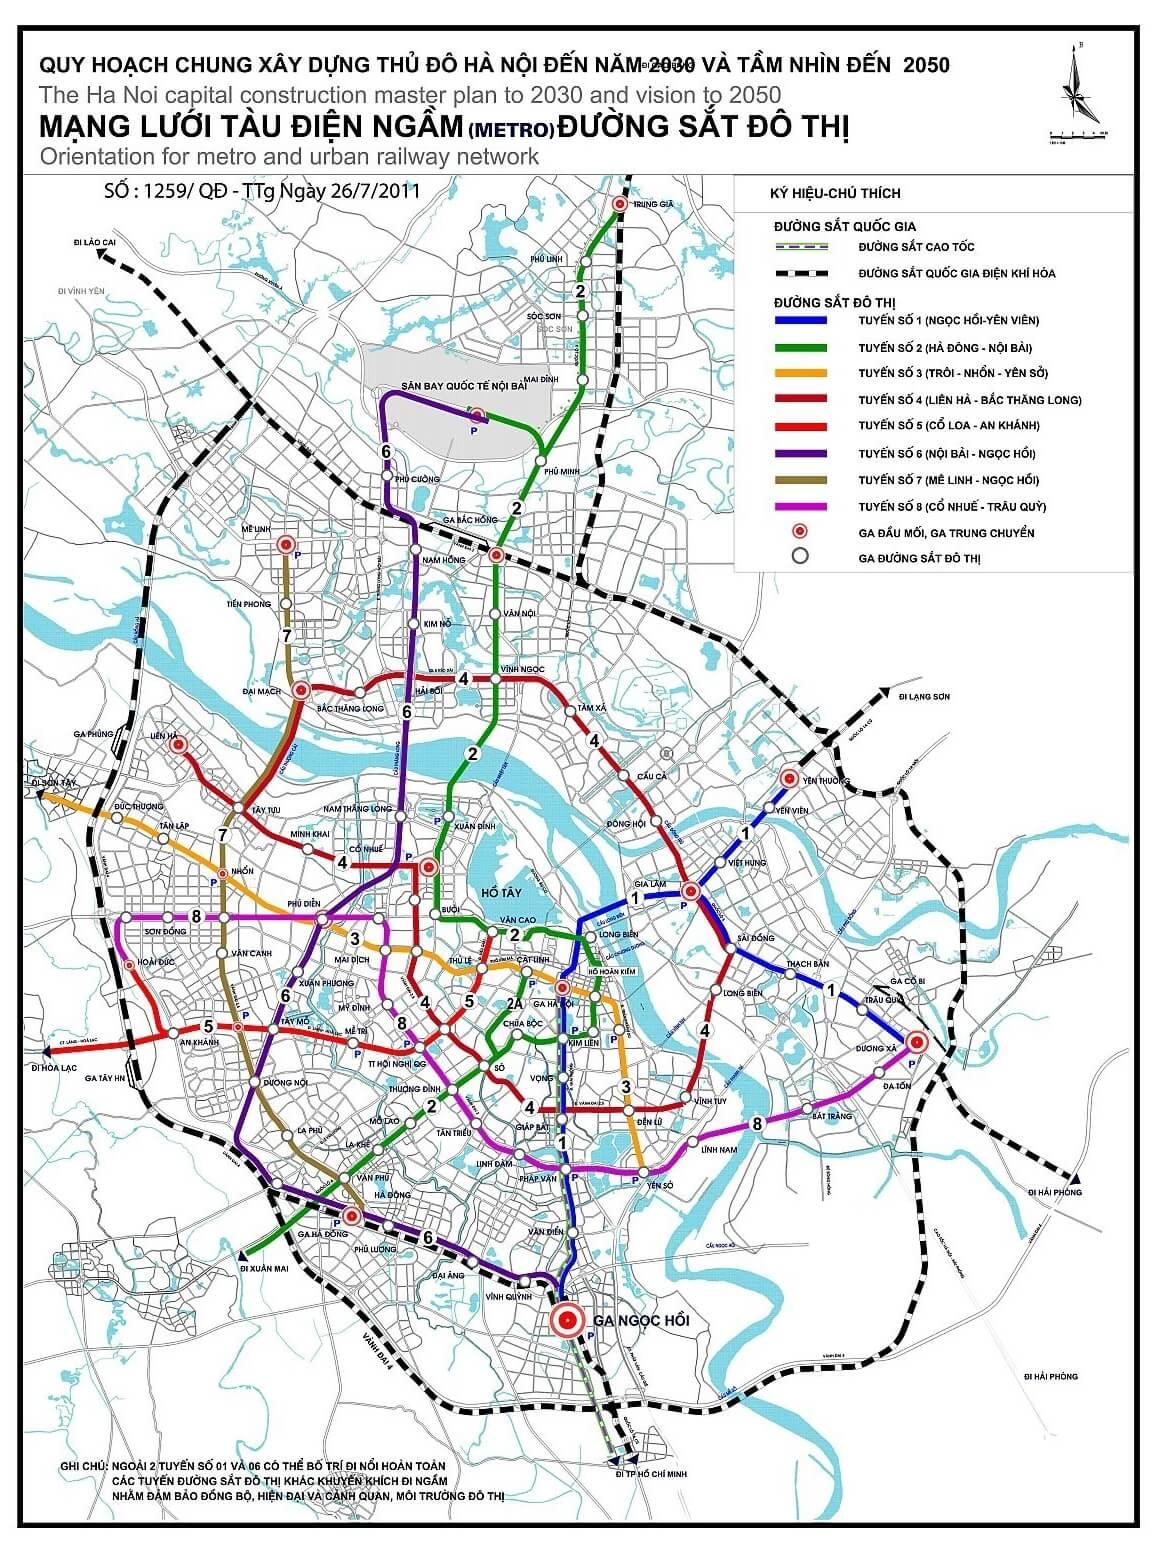 Quy hoạch đường sắt đô thị Hà Nội